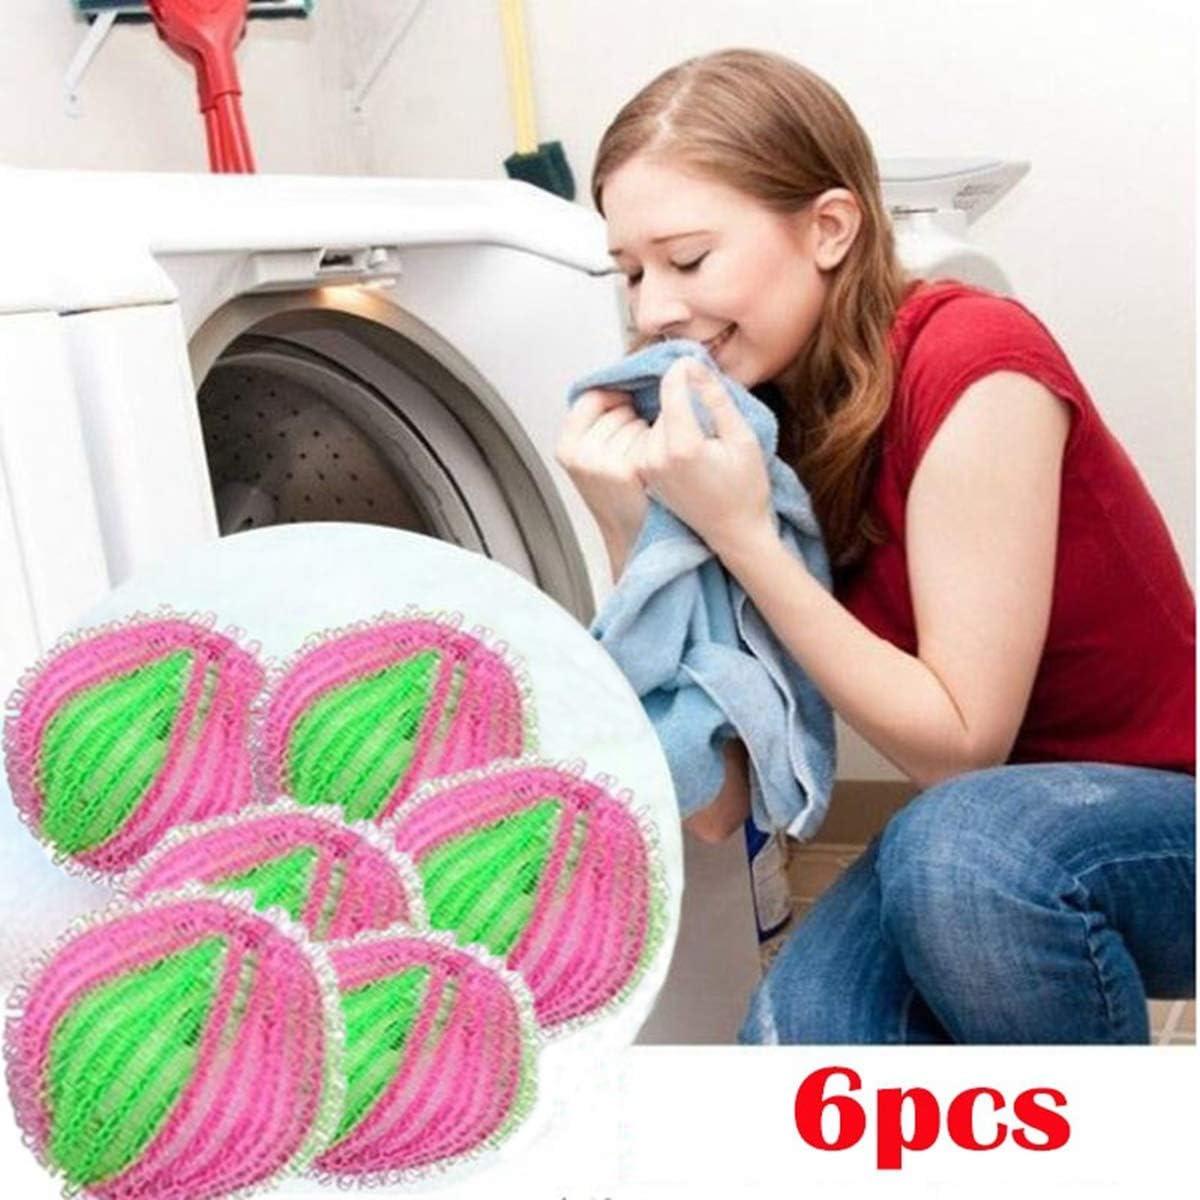 AISE 6 st/ücke Wiederverwendbare Haarf/änger Waschen W/äsche B/älle Hause Waschen W/äsche Werkzeuge Kleidung Pflege Pet Haar Fell Fusselentferner K/örperpflege